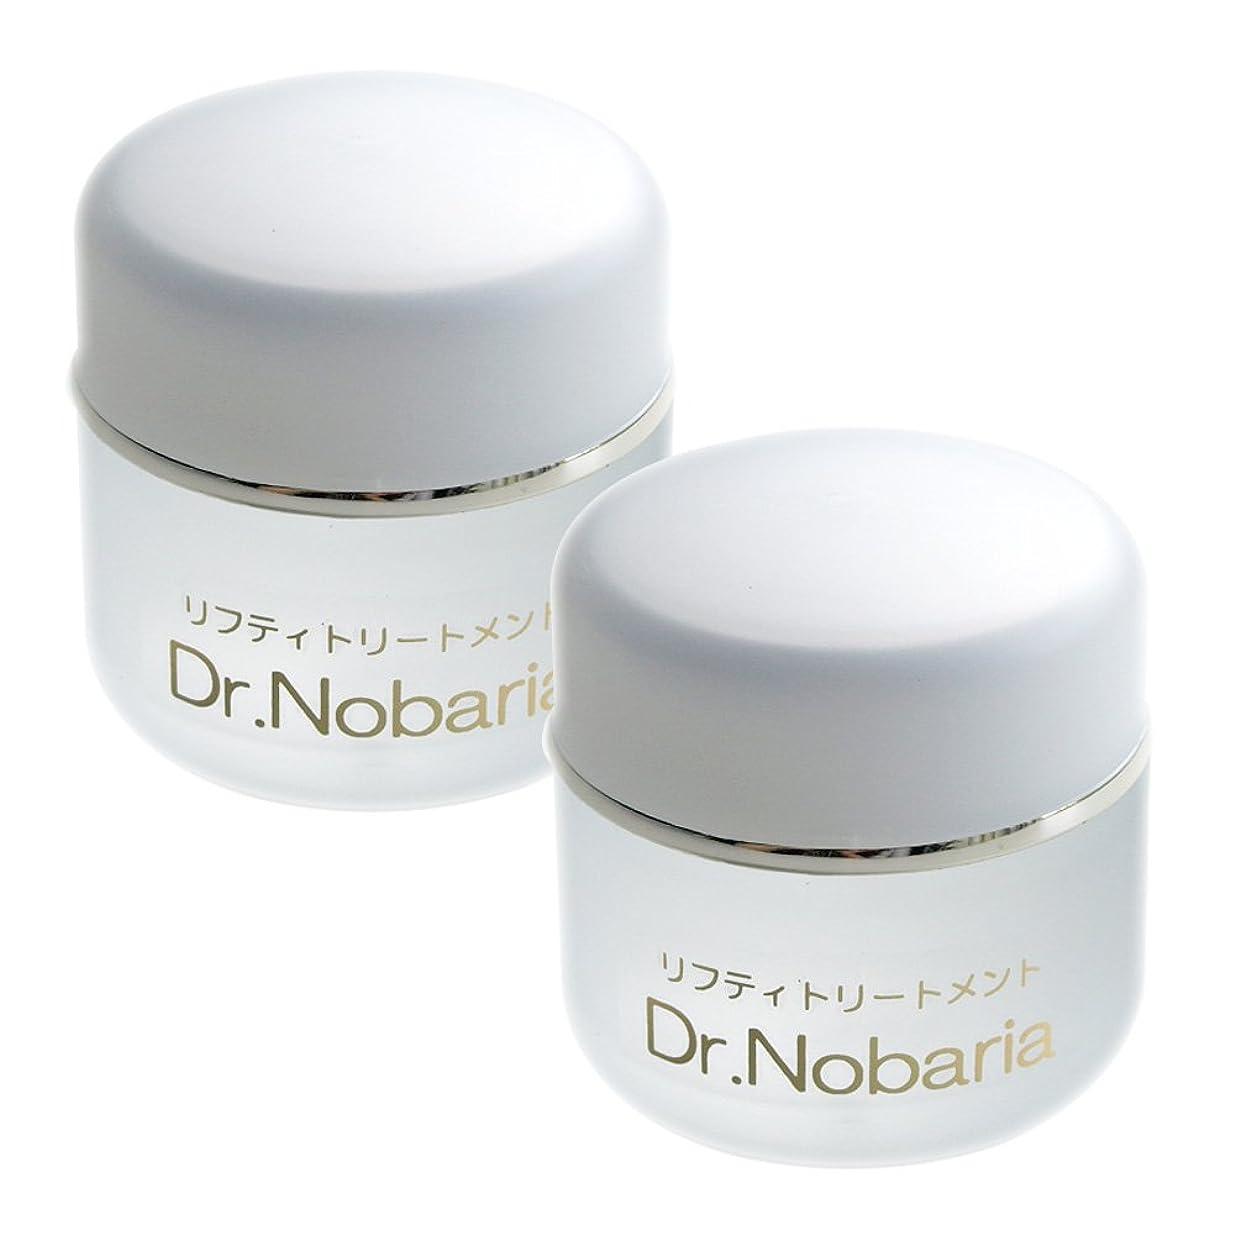 みなすボンドセラーNatural Pure ノバリアスキンケア ノバリアジェルクリーム 保湿 無香料 無着色 (30g×2個)